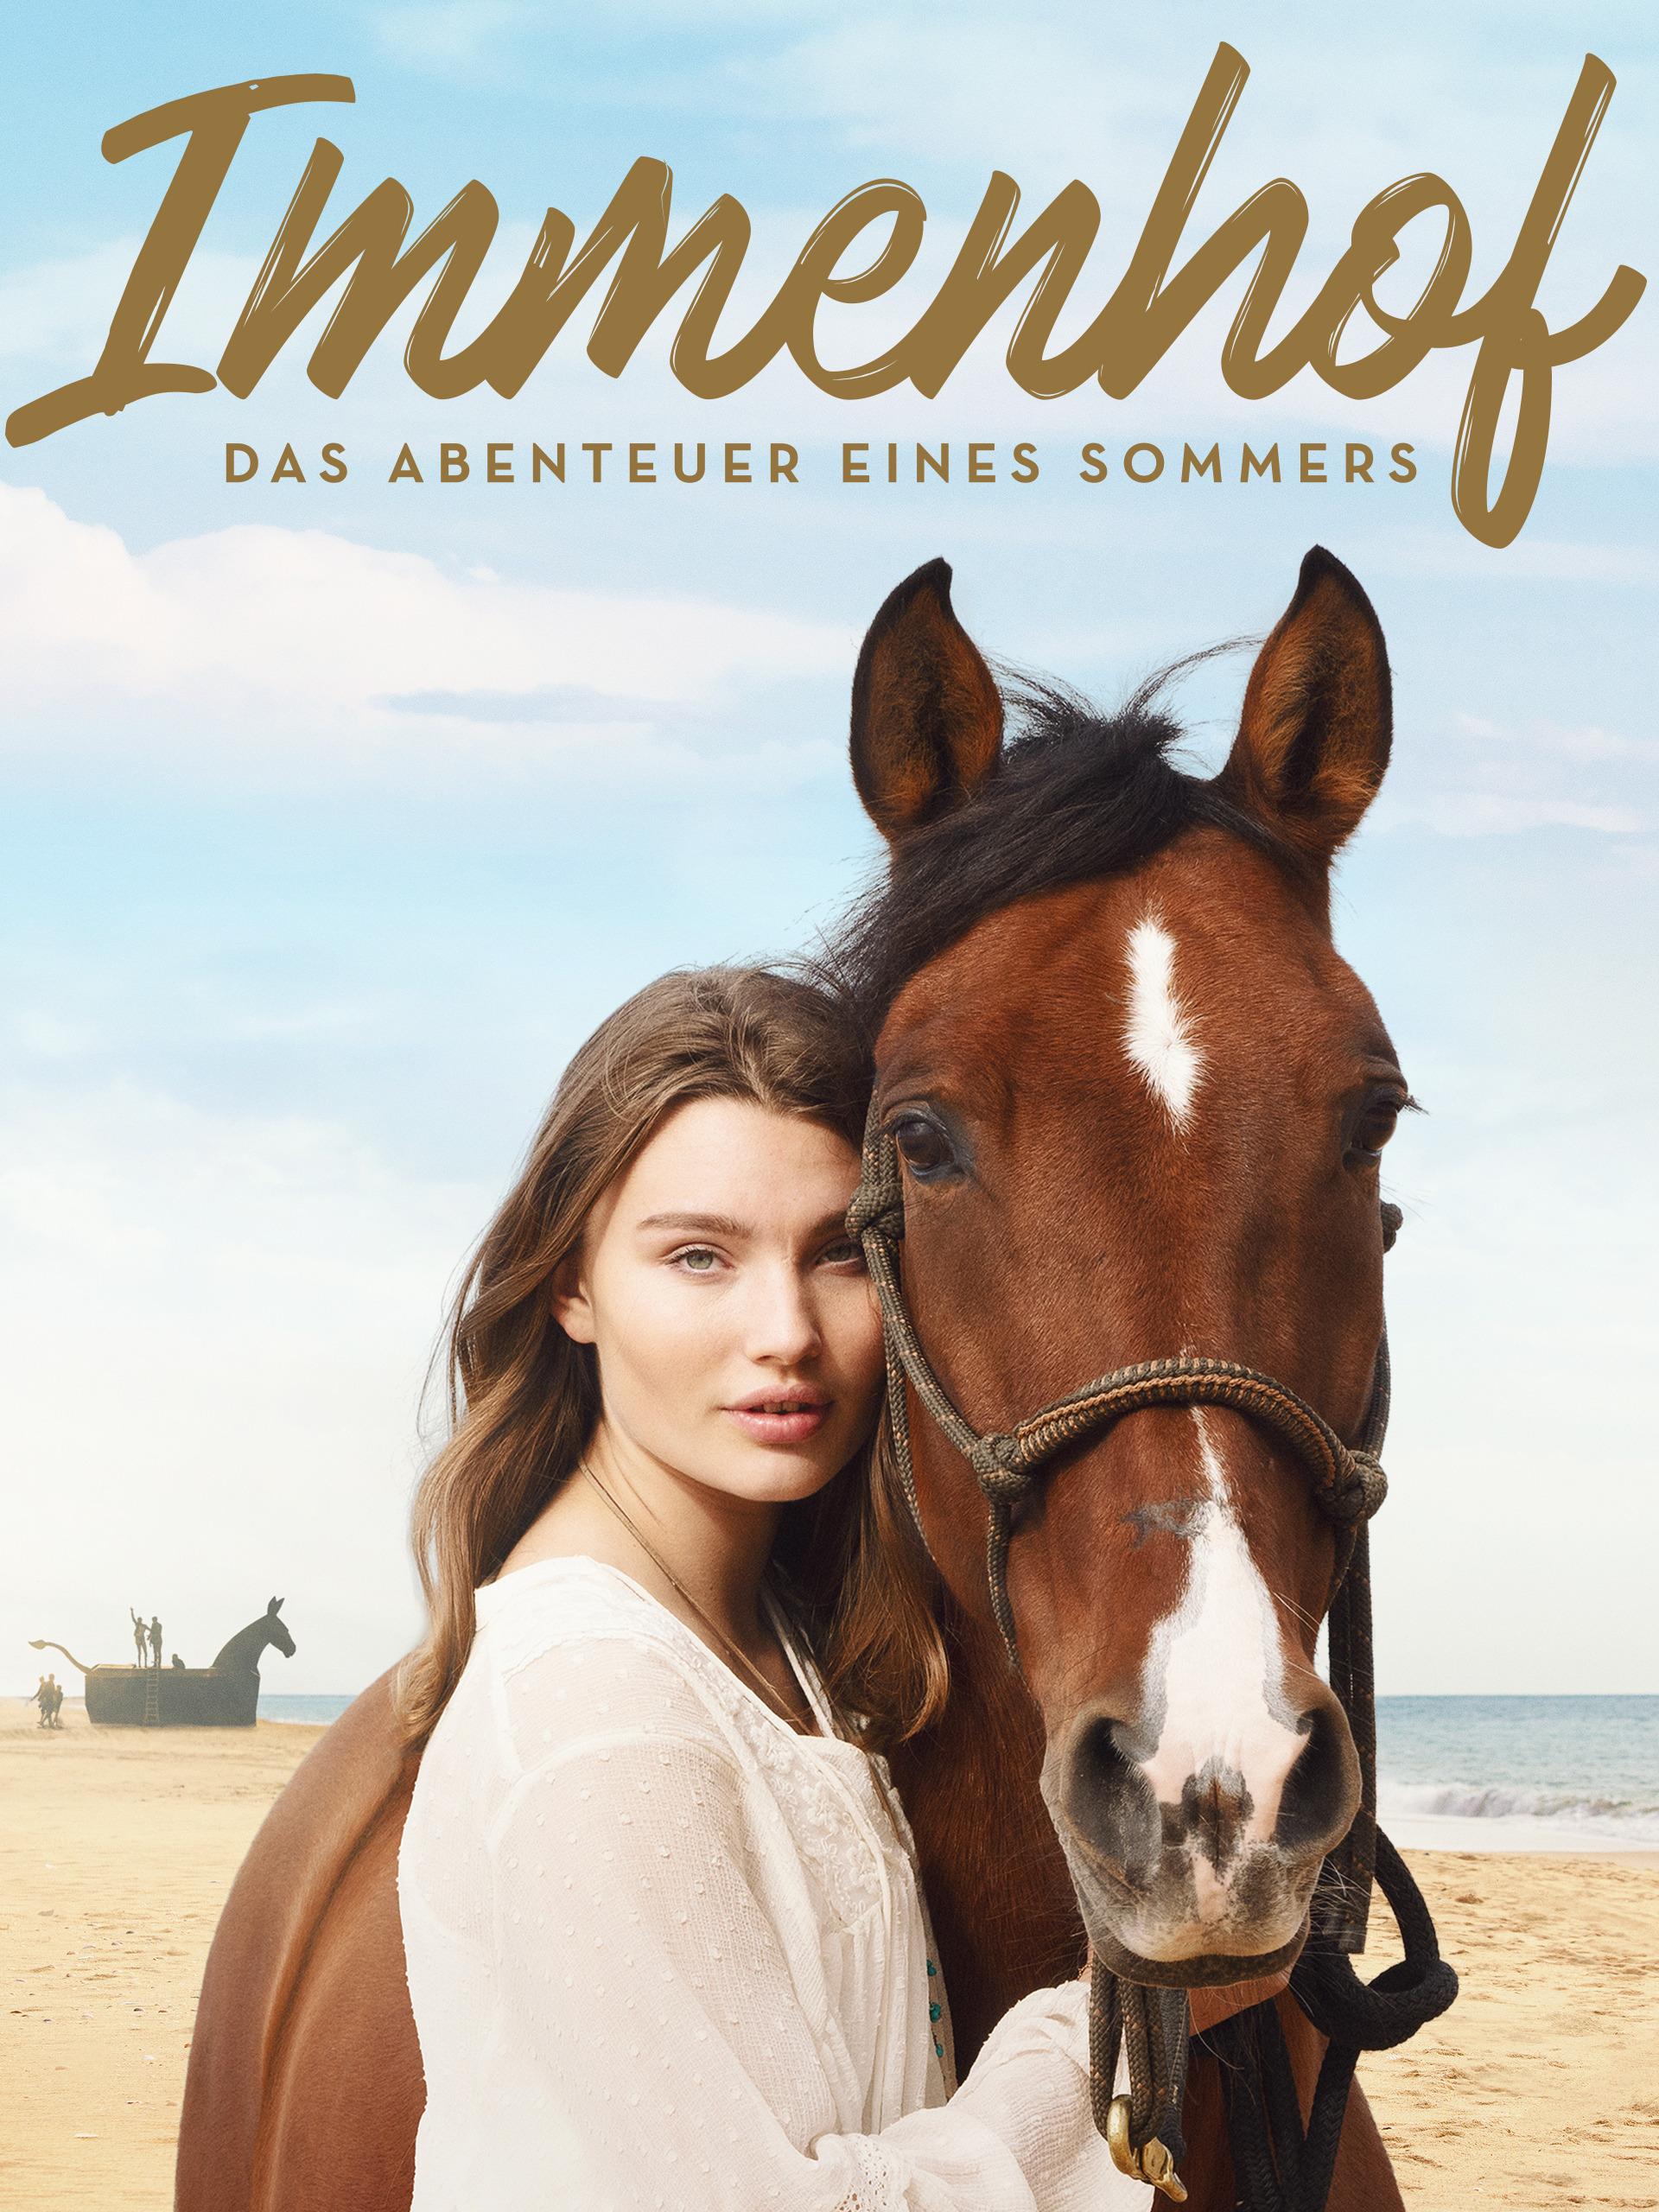 Immenhof - Das Abenteuer eines Sommers